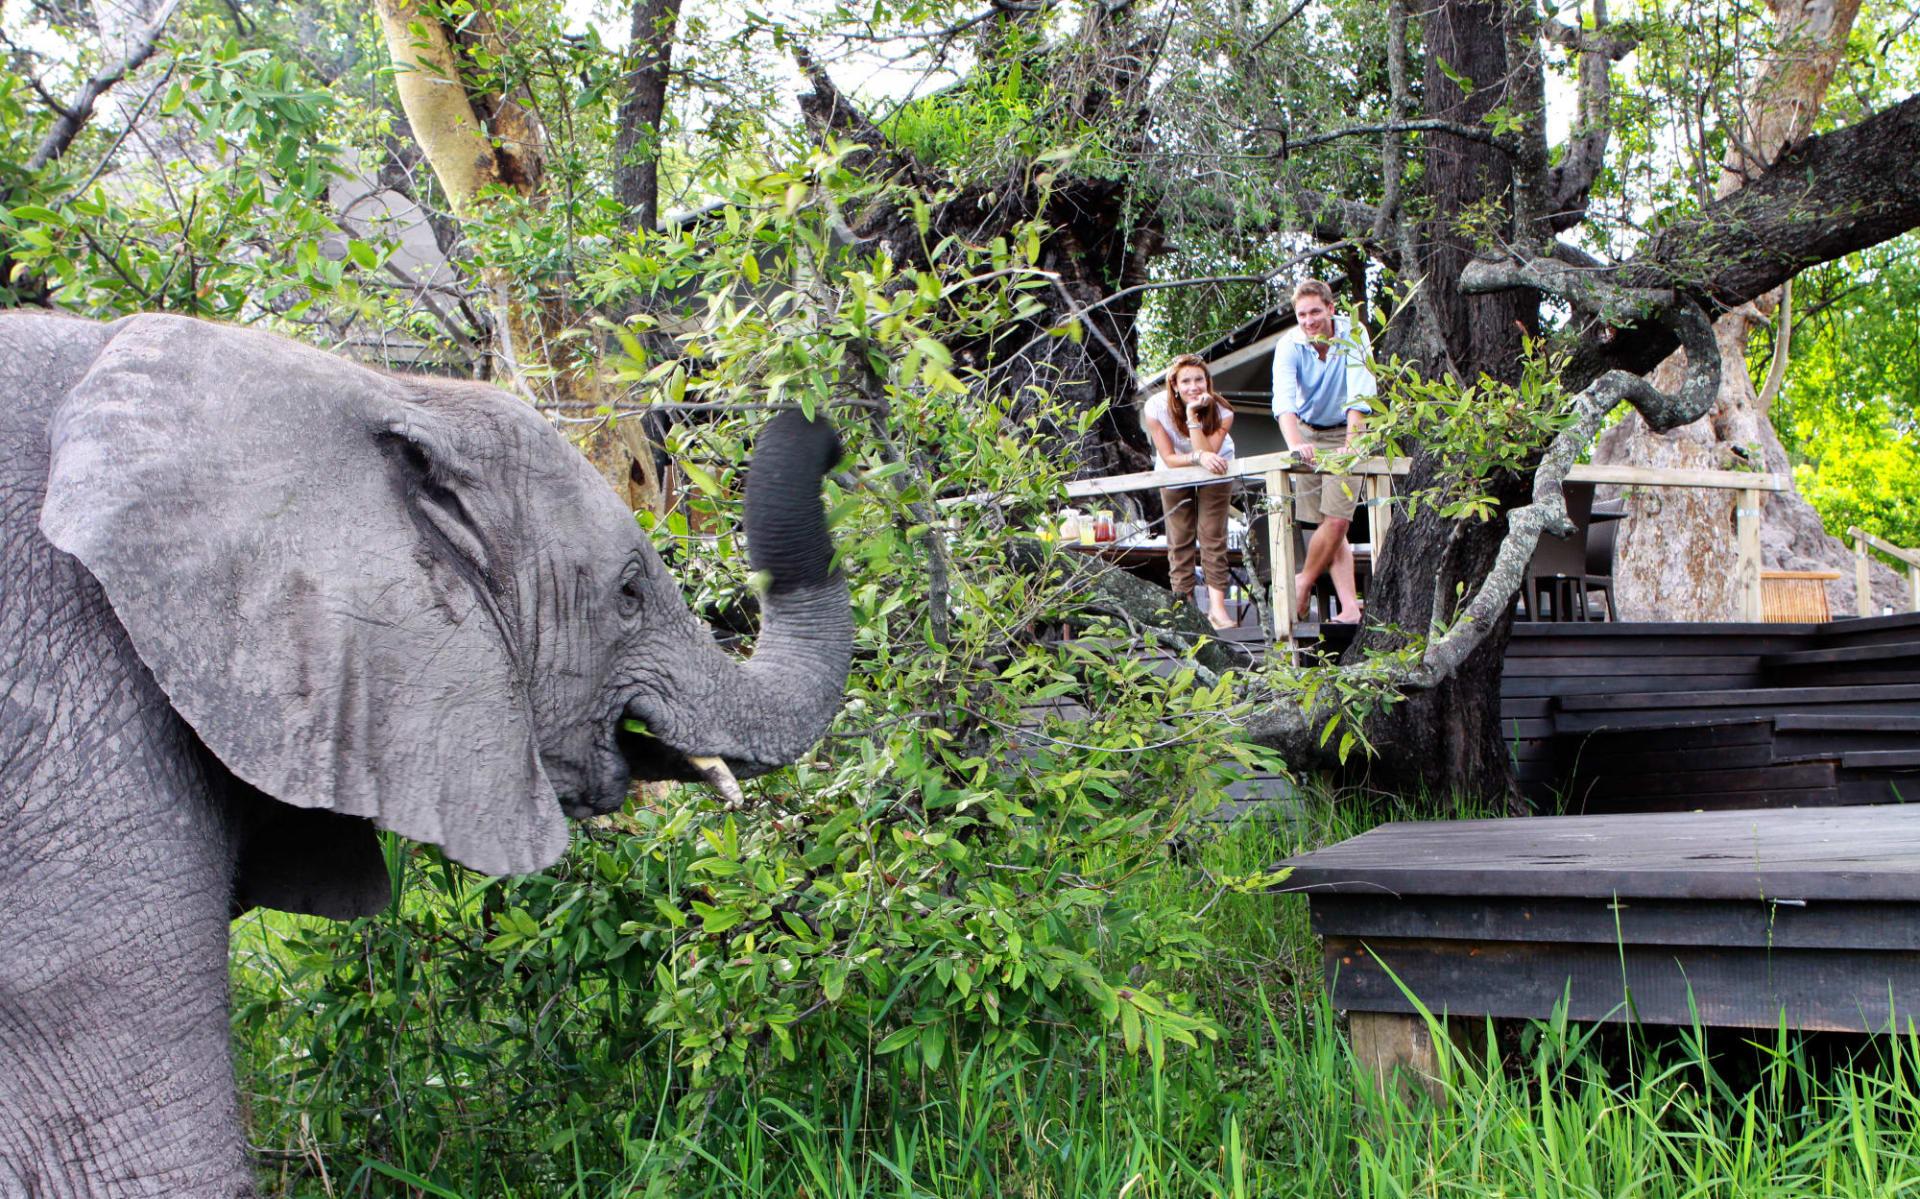 Abu Camp in Okavango Delta:  Abu Camp